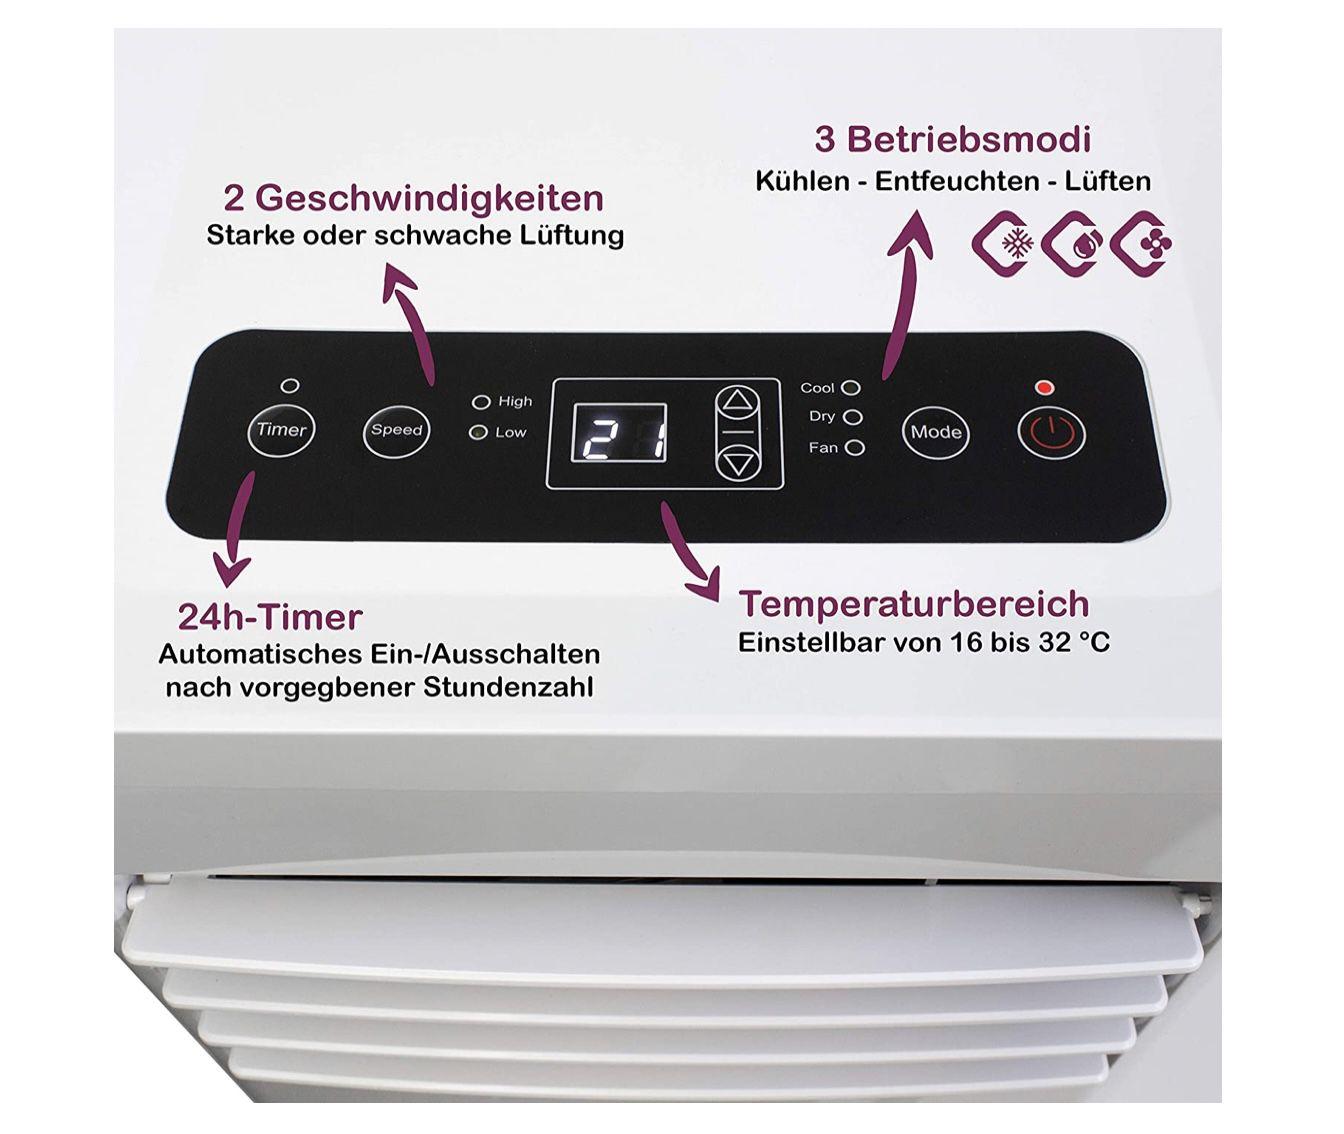 Homex Mobiles Klimagerät A 32 50 W inkl. Fernbedienung für 159,99€ (statt 200€)